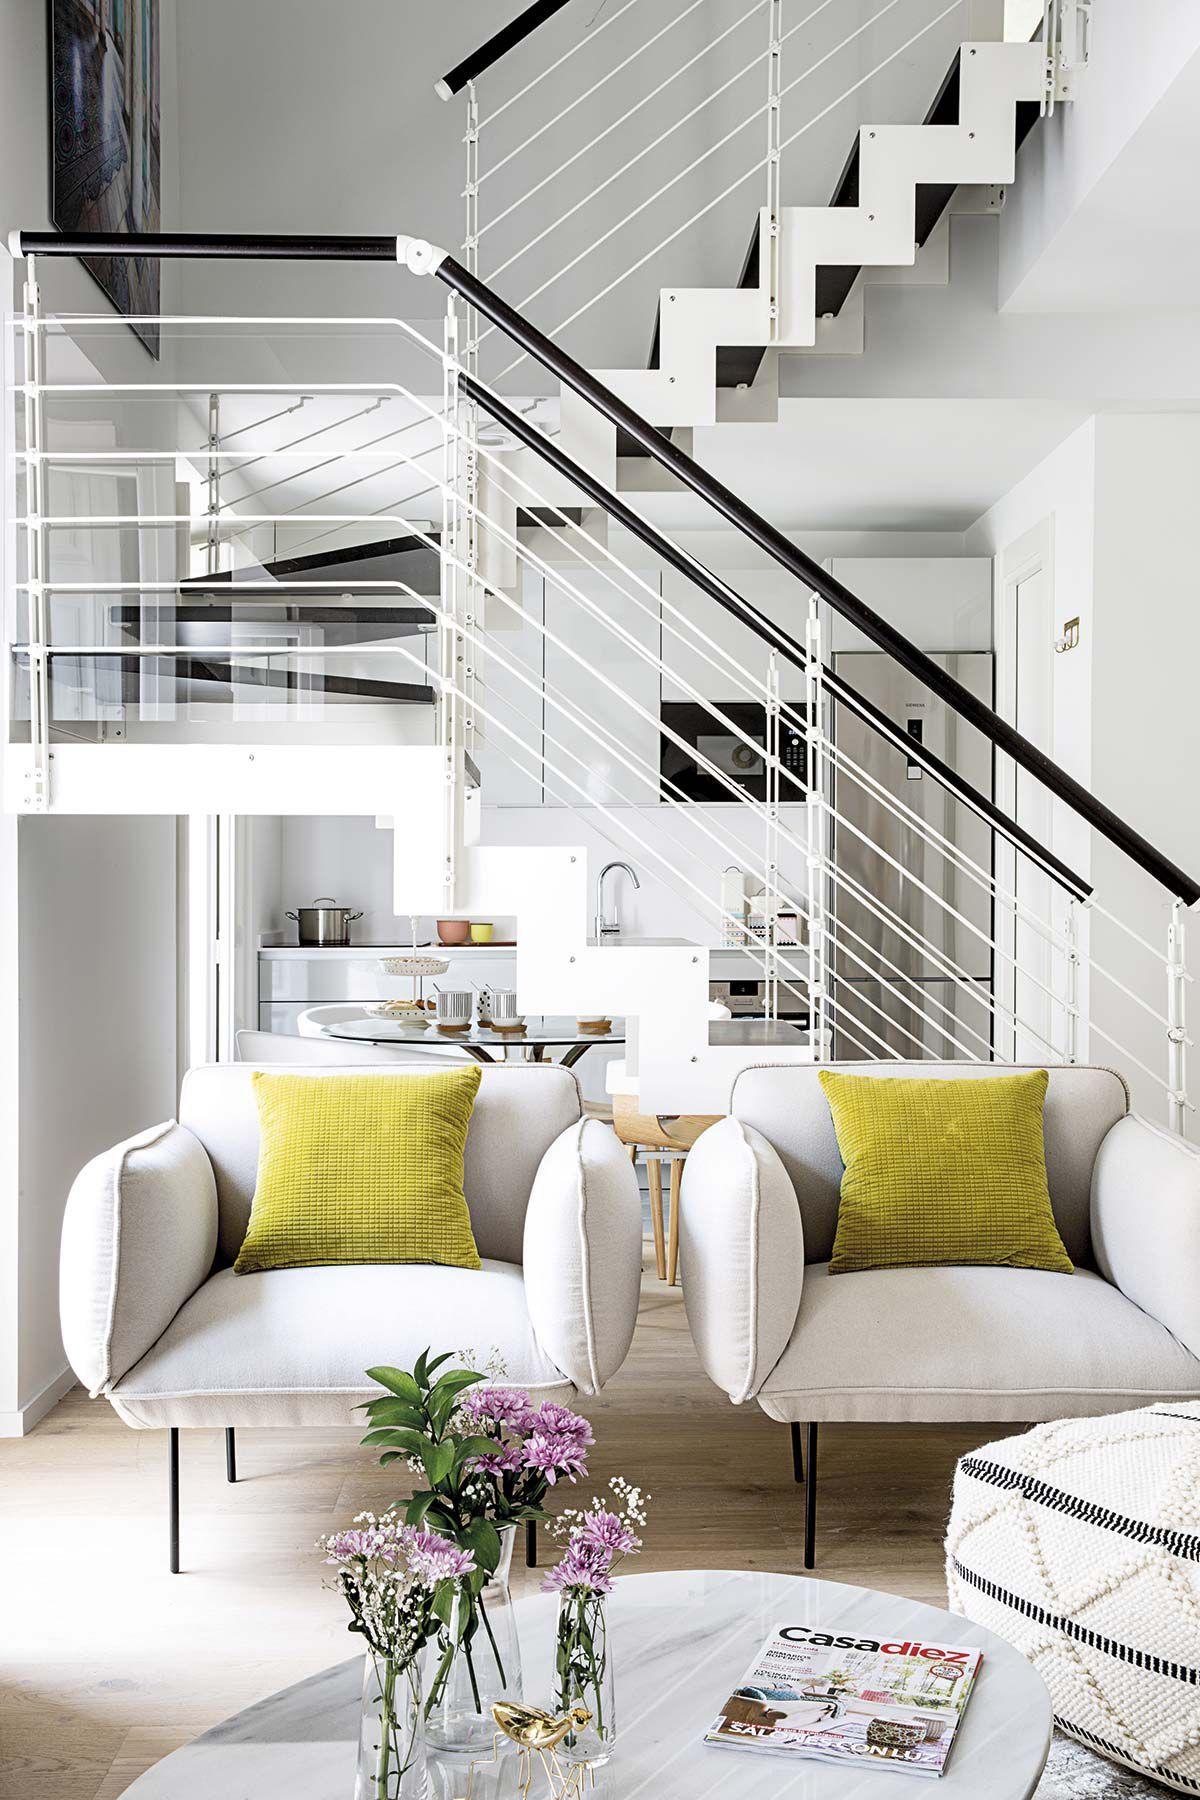 Un coqueto d plex de 50 metros cuadrados casa y for Diseno de apartamentos de 50 metros cuadrados